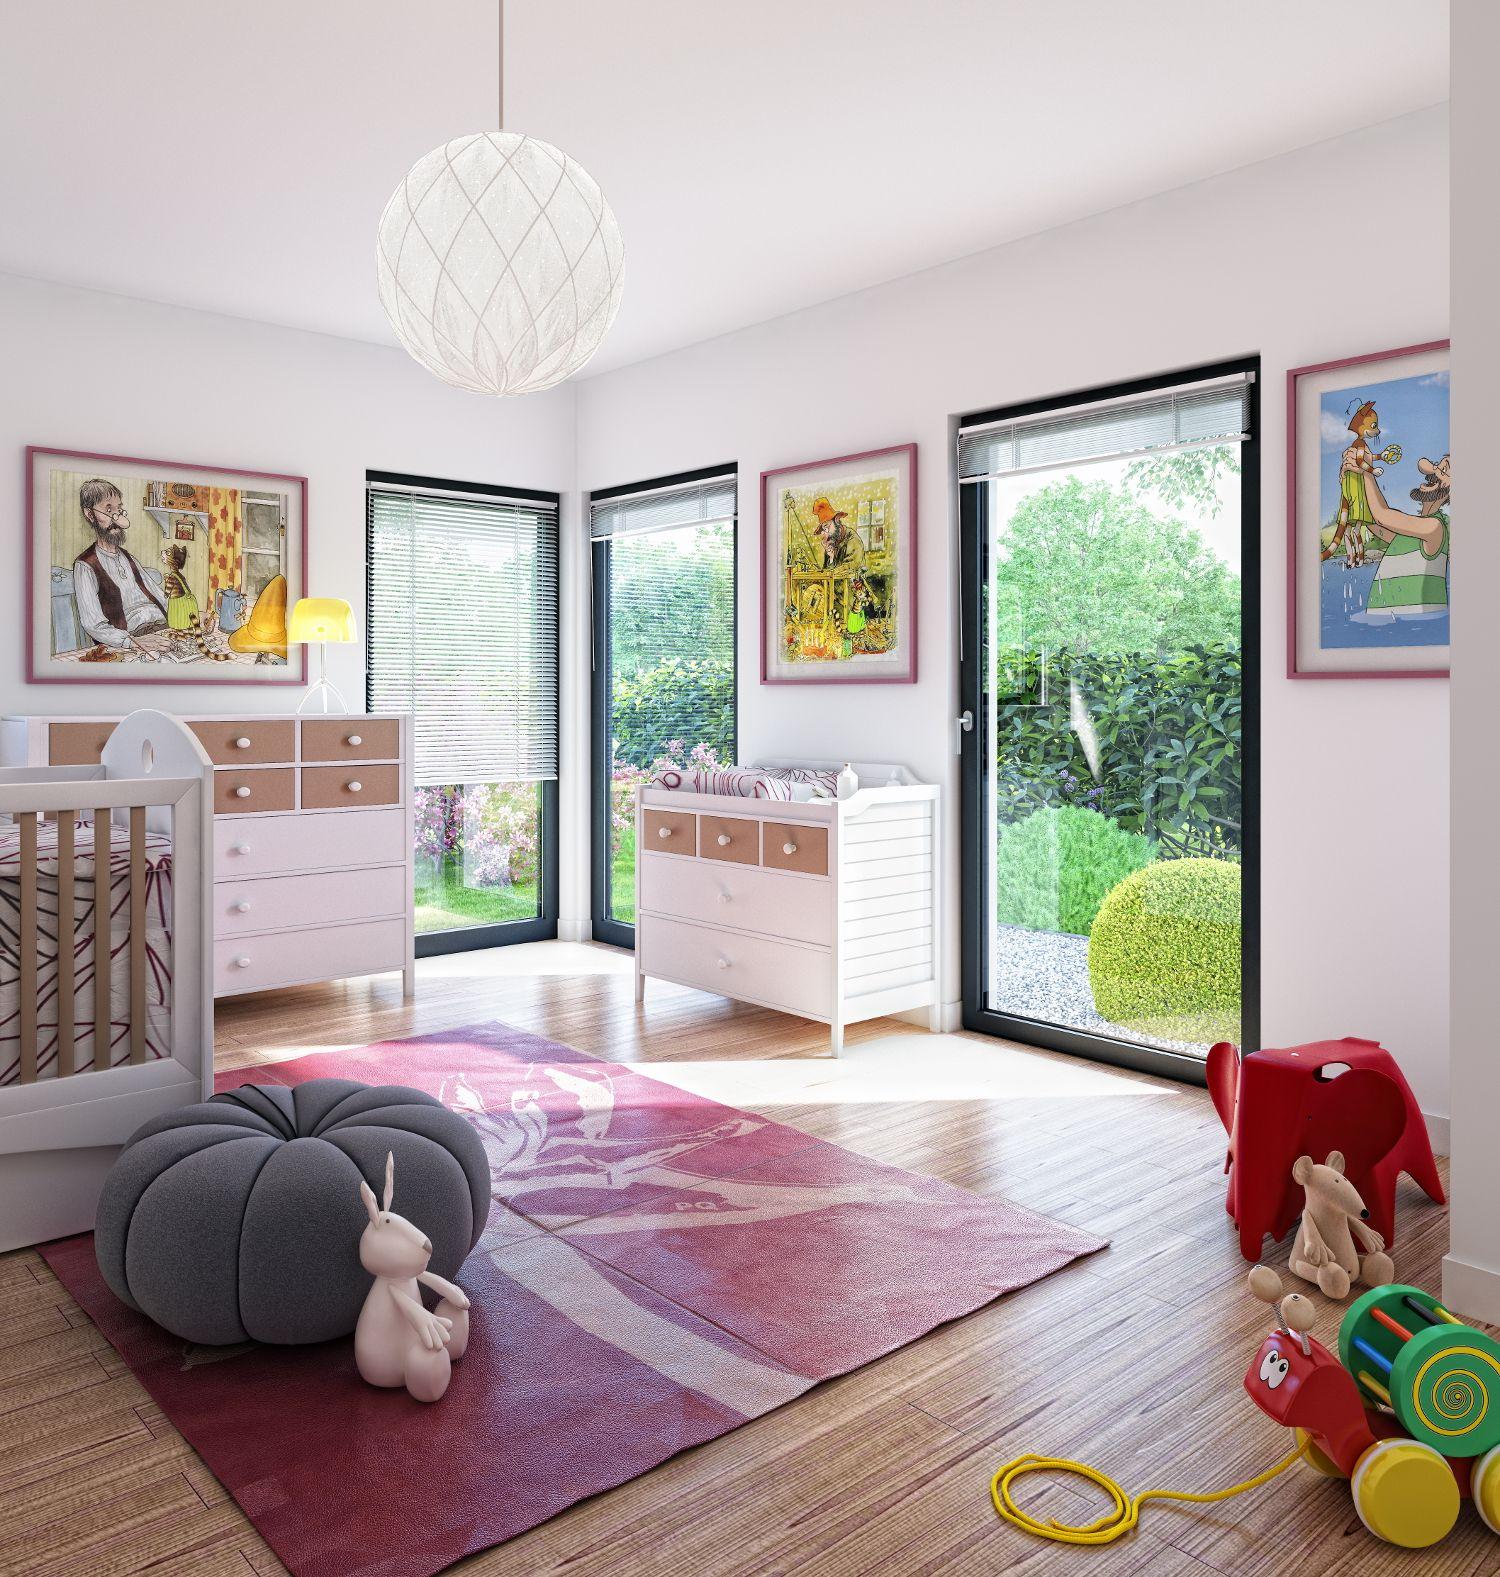 Vom Kinderzimmer in den Garten - davon träumen wohl viele Kinder ...